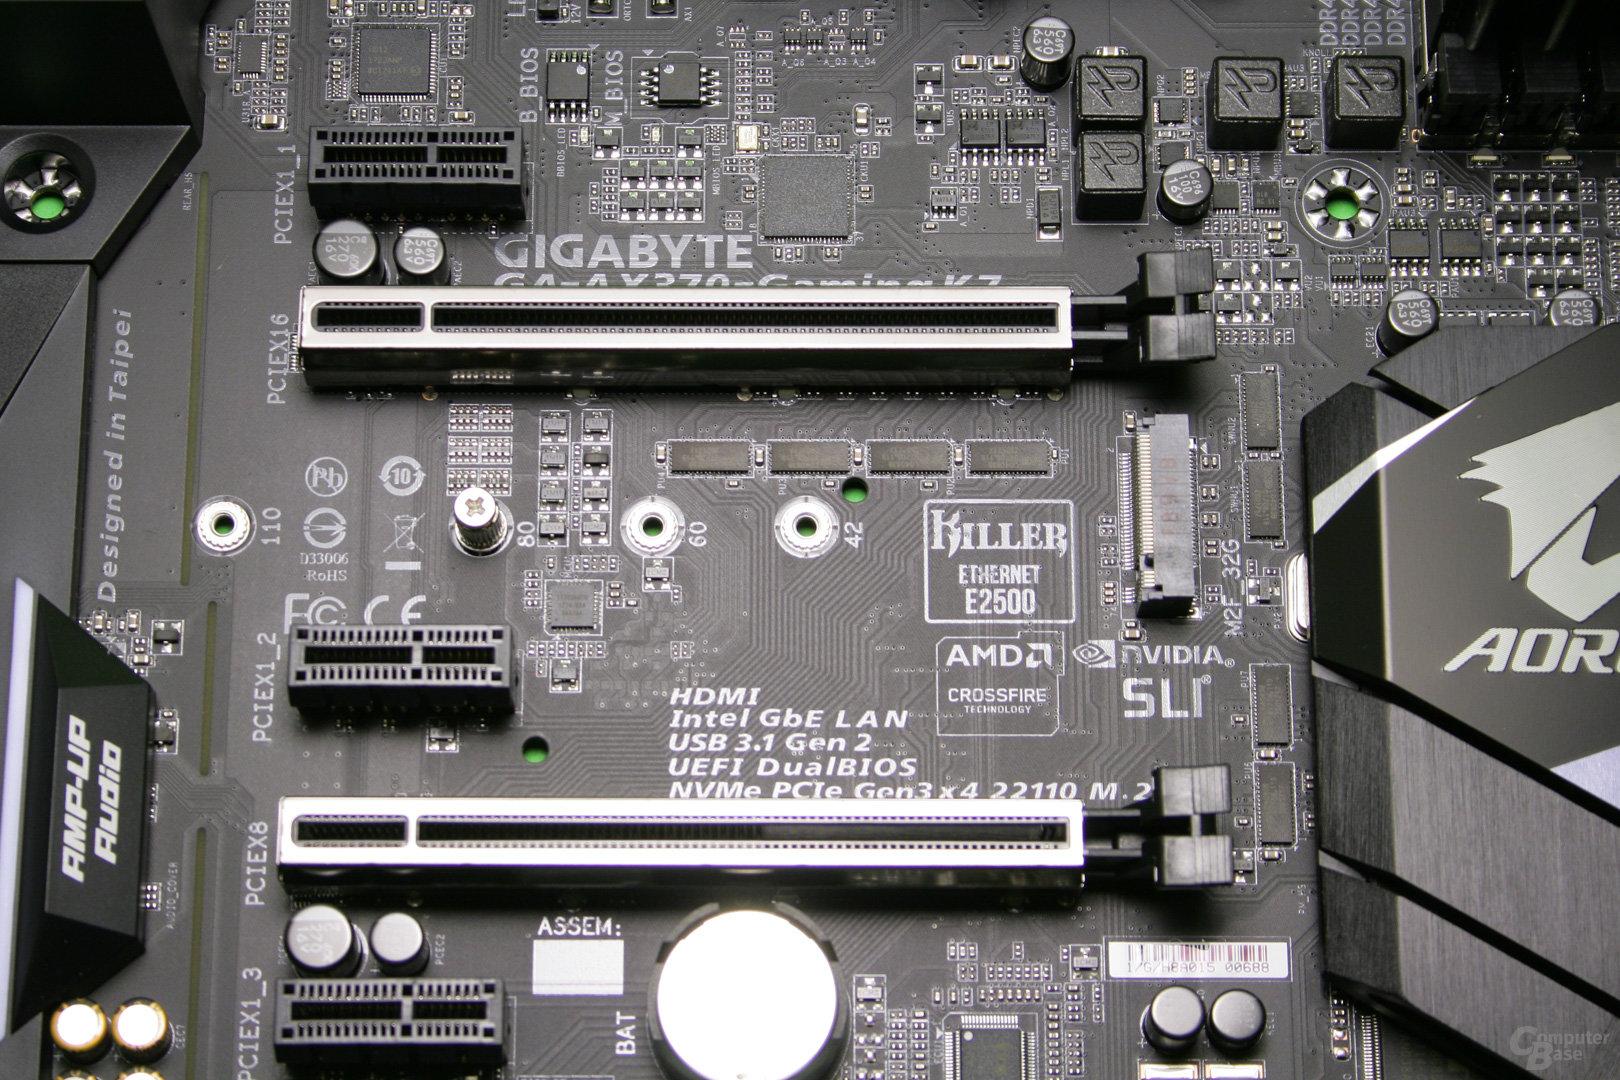 Der M.2-Slot für schnelle SSDs befindet sich unter dem PCIe-Slot für Grafikkarten